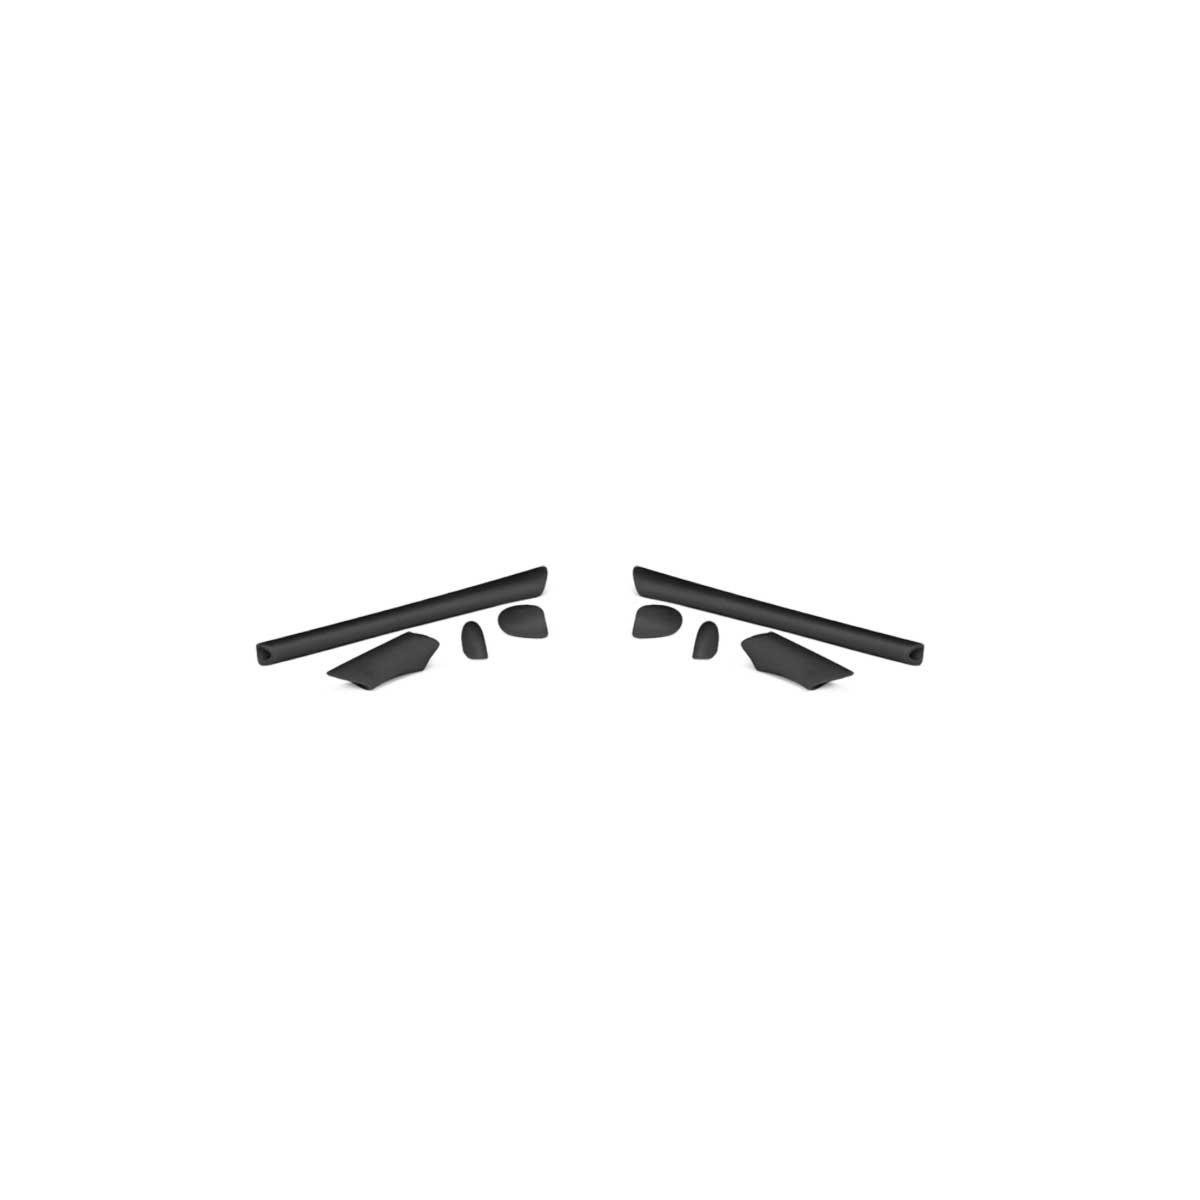 Oakley Half Jacket Mens Earsock Kit Sunglass Accessories - Black/One Size by Oakley